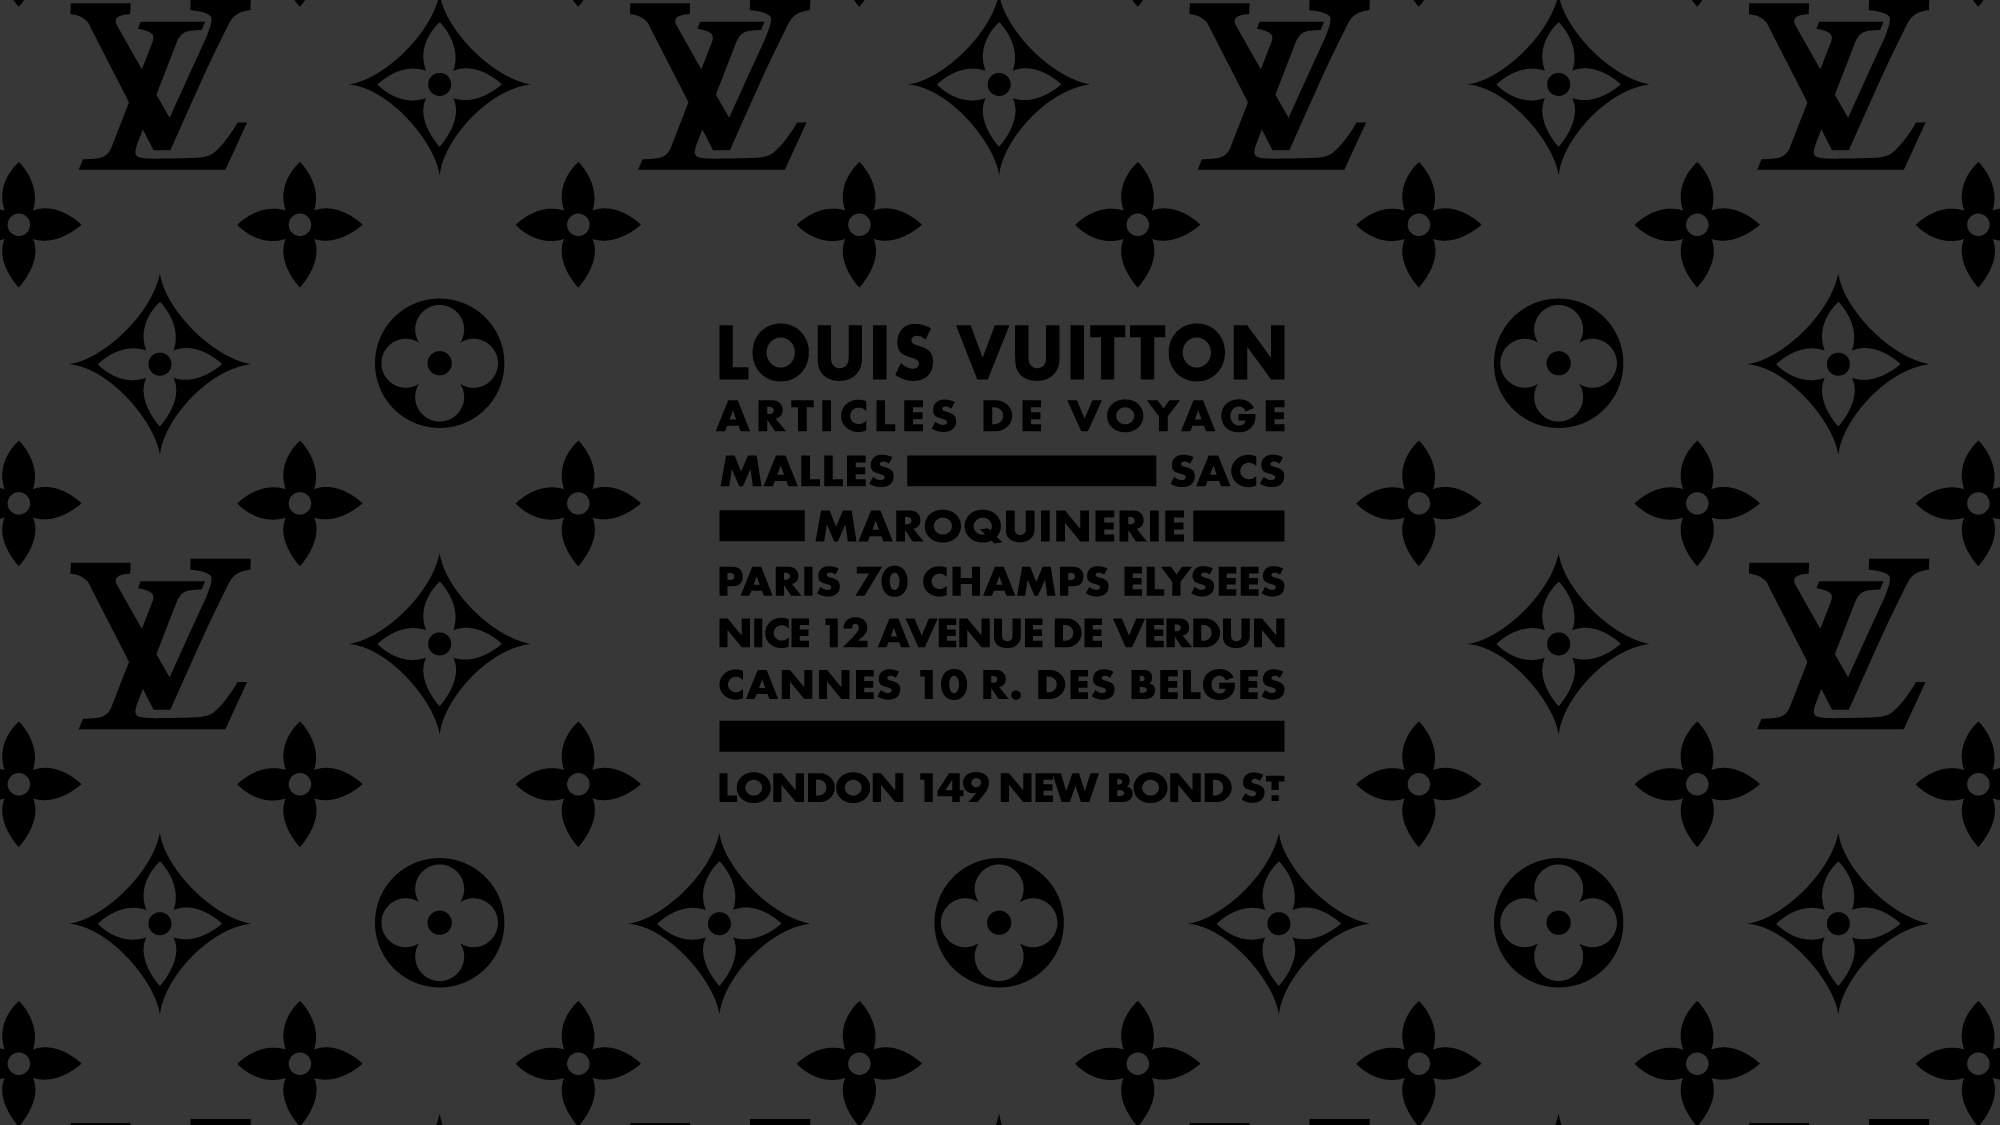 Défilé LOUIS VUITTON Homme Automne-Hiver 2016